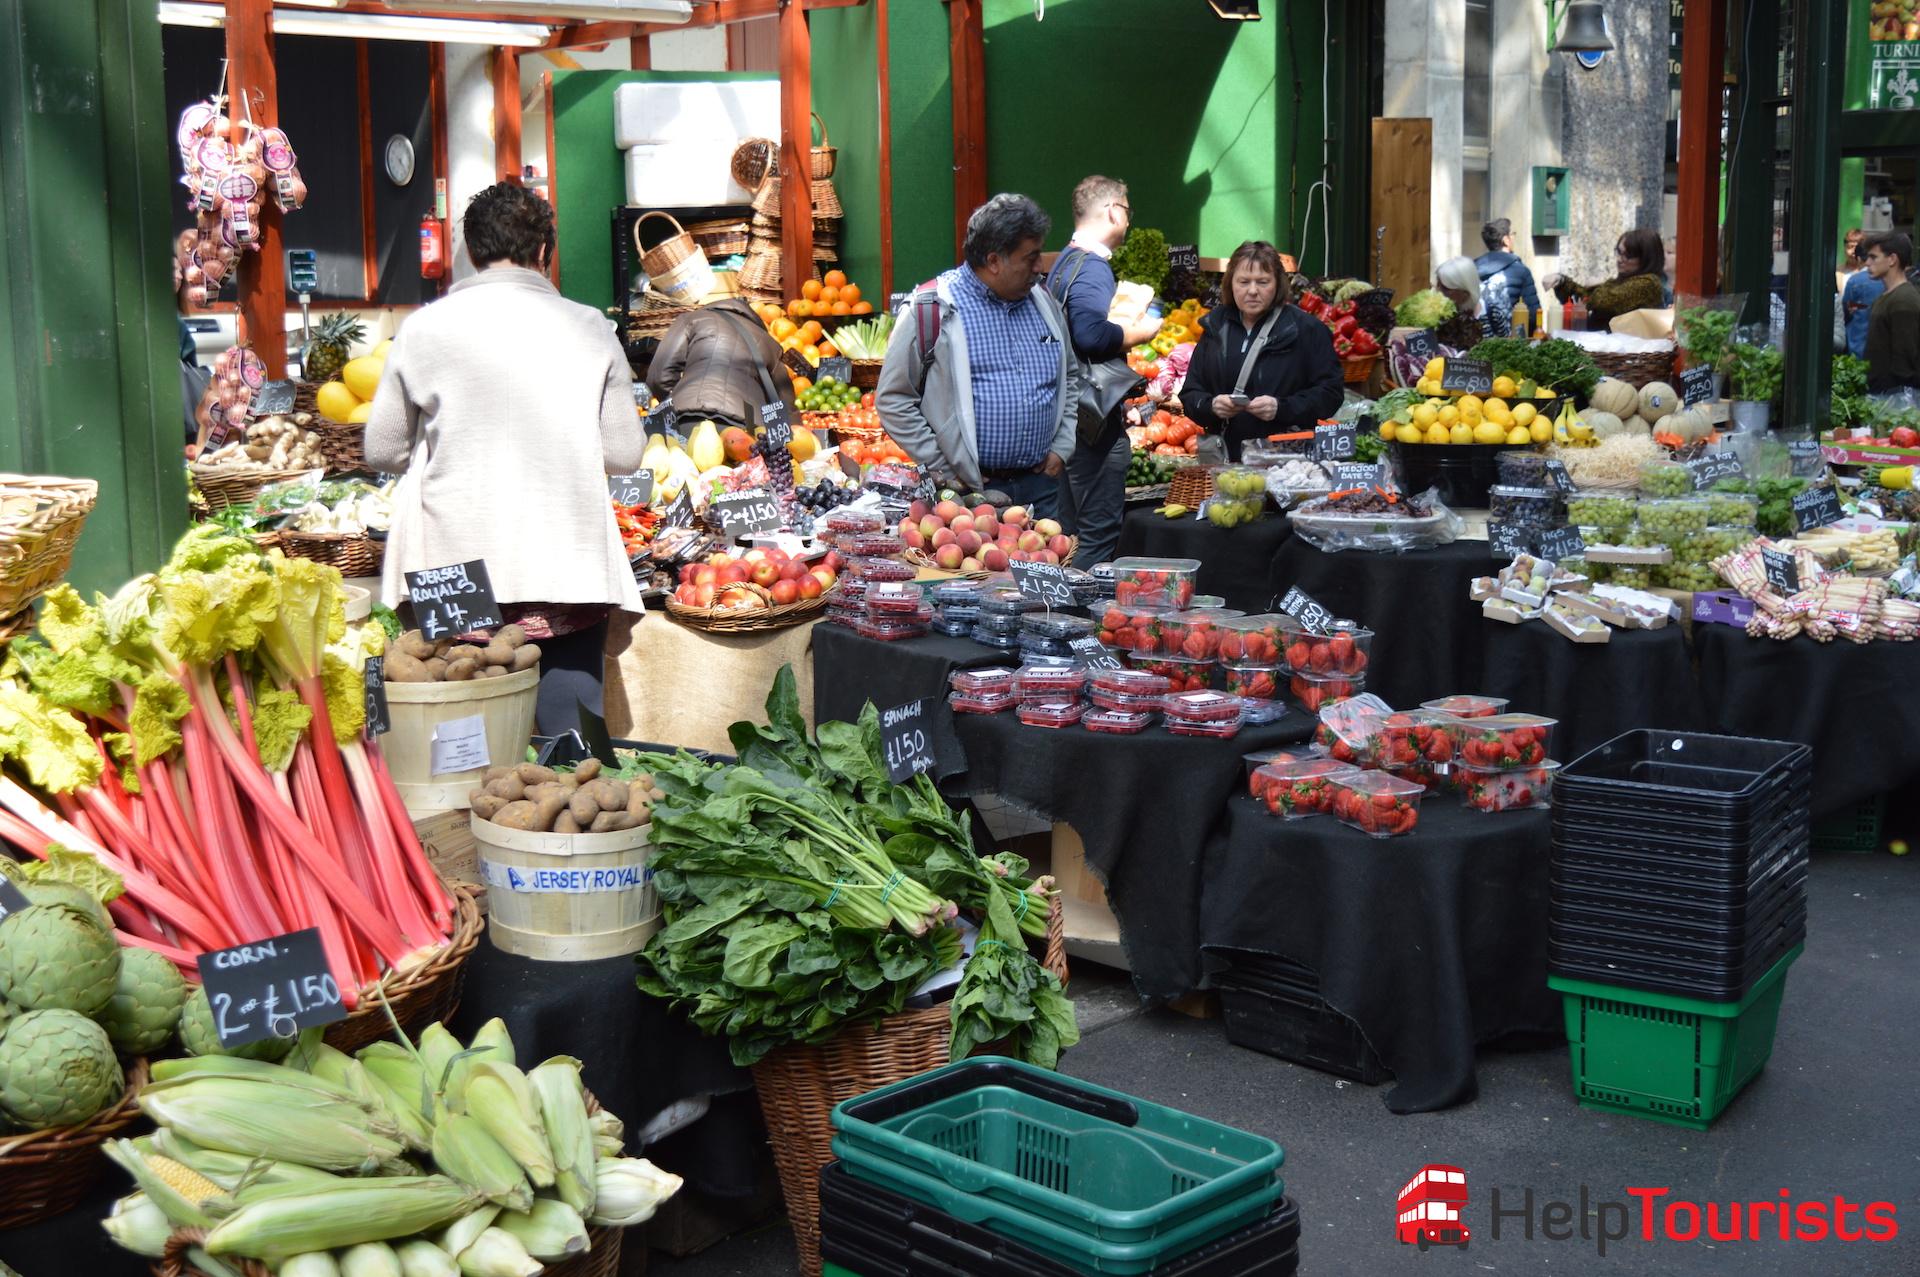 Gemüse Borough Market in London